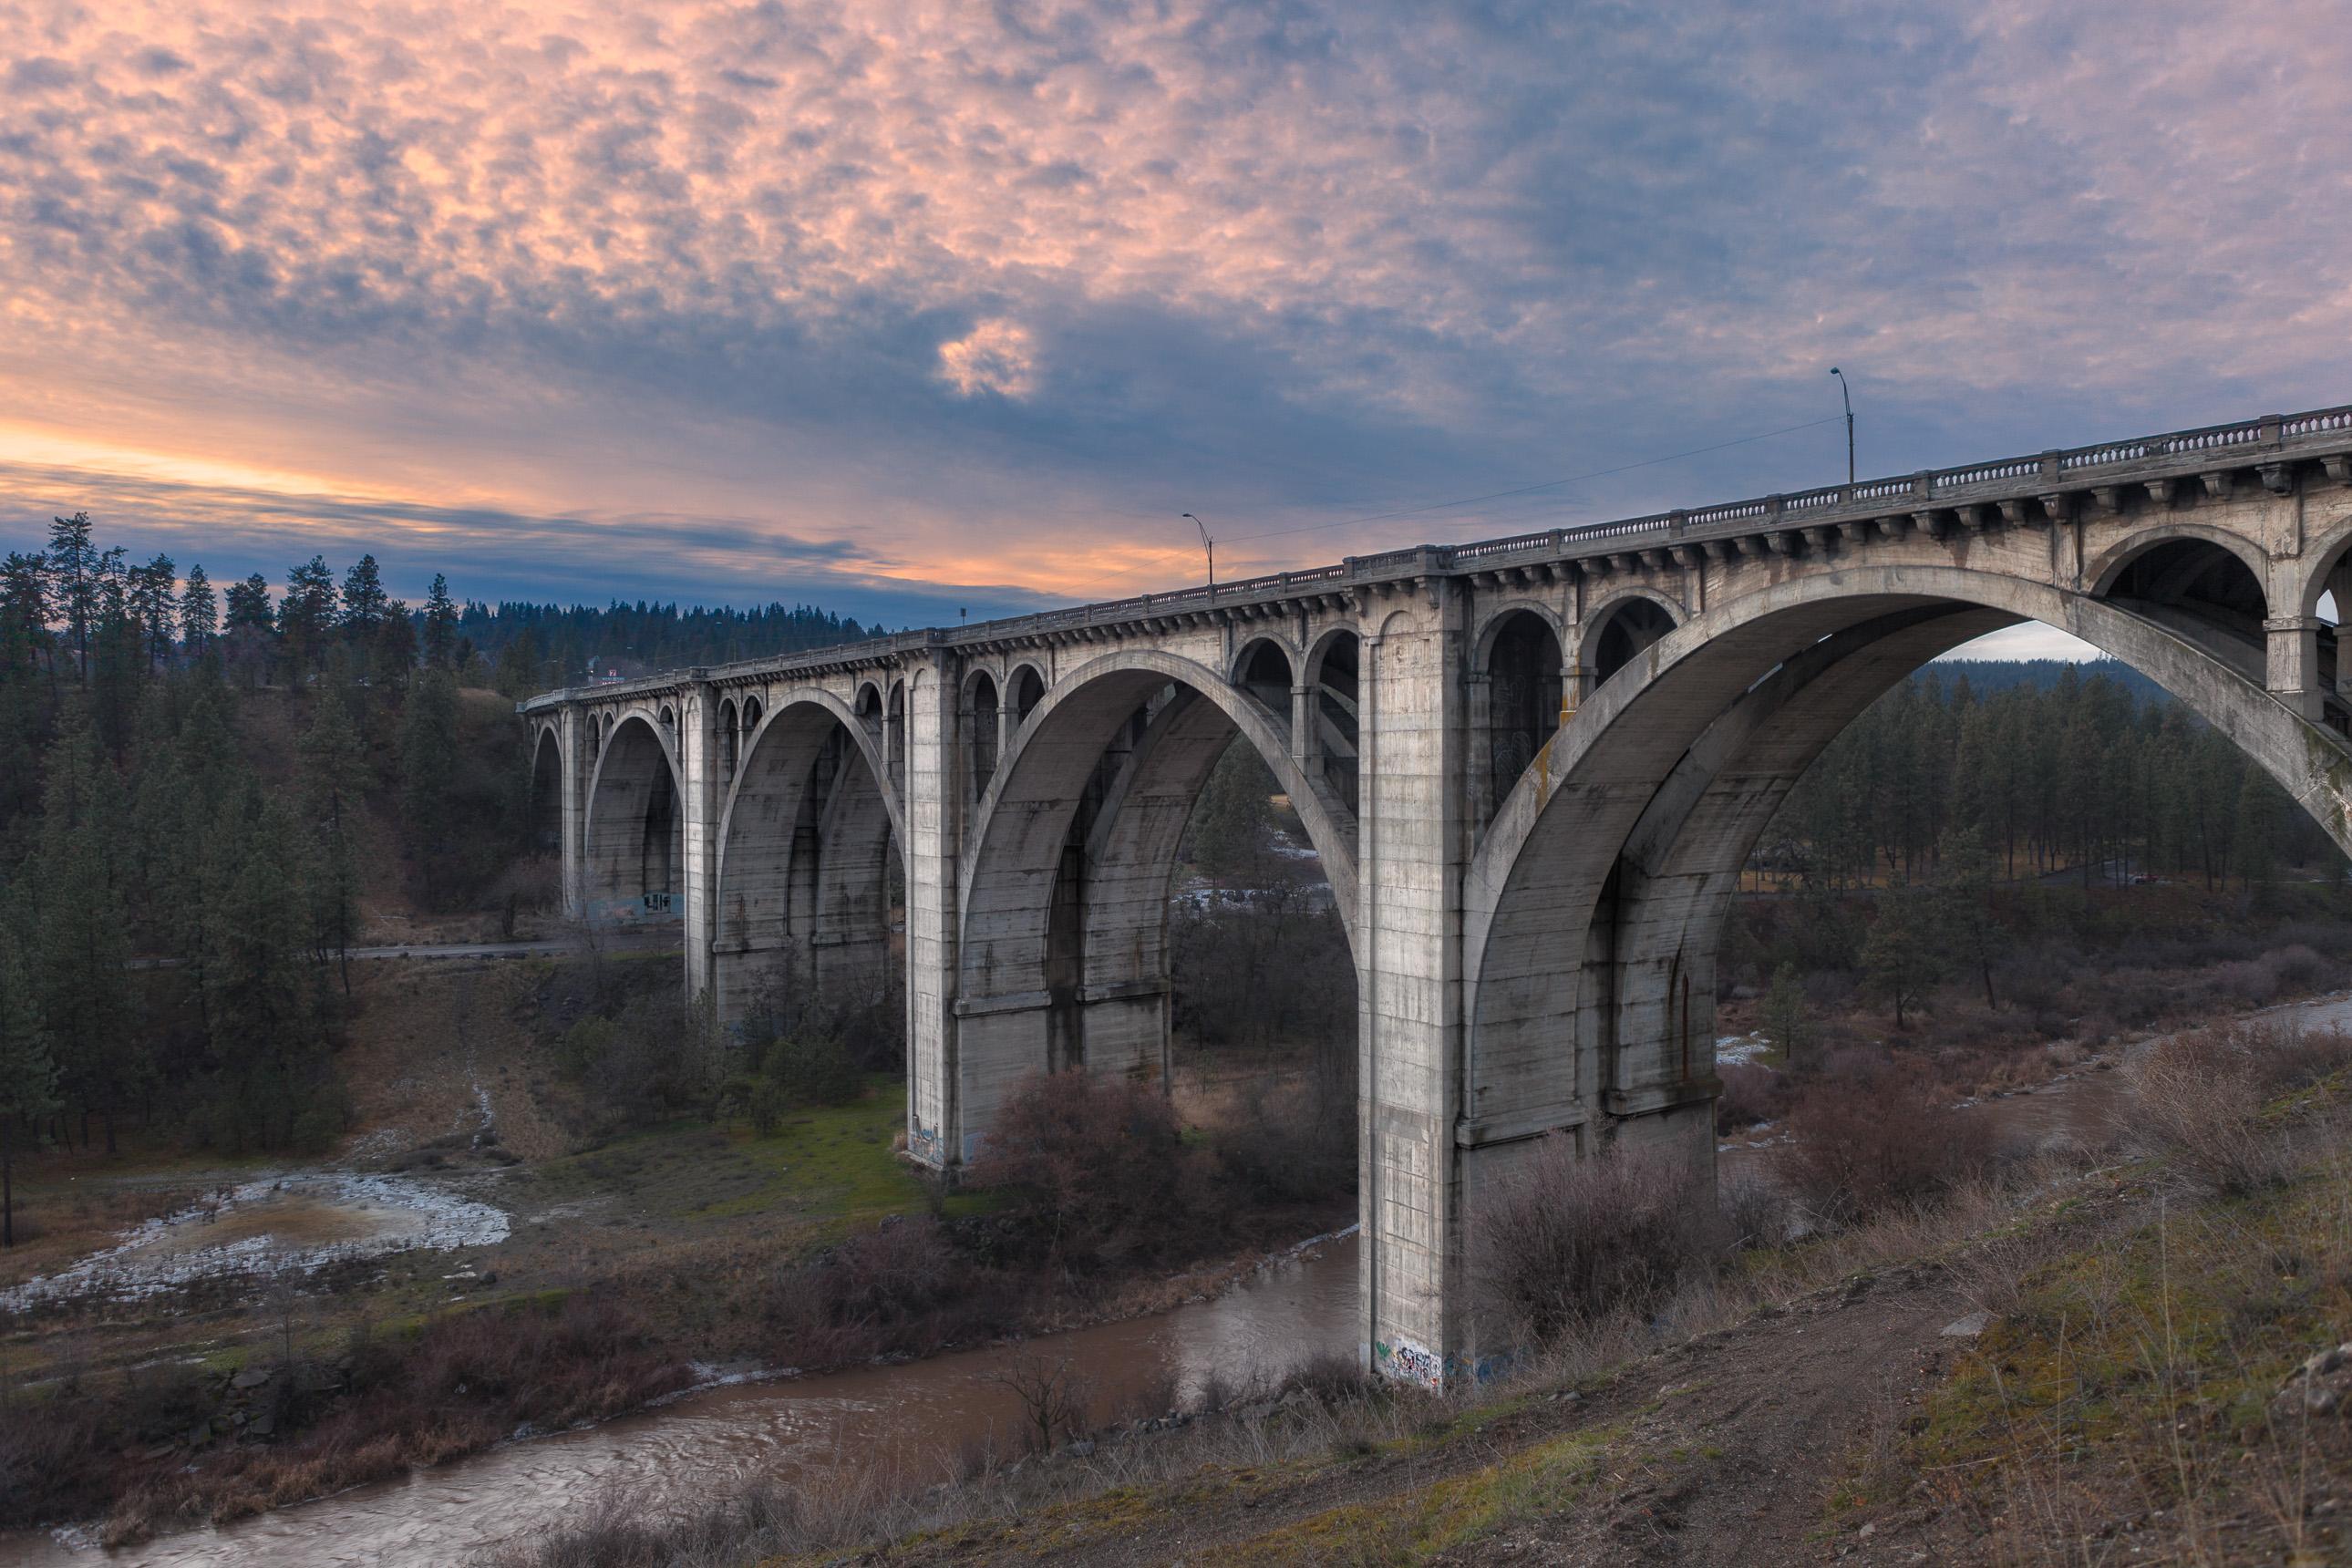 Sunset Boulevard bridge in Spokane Washington